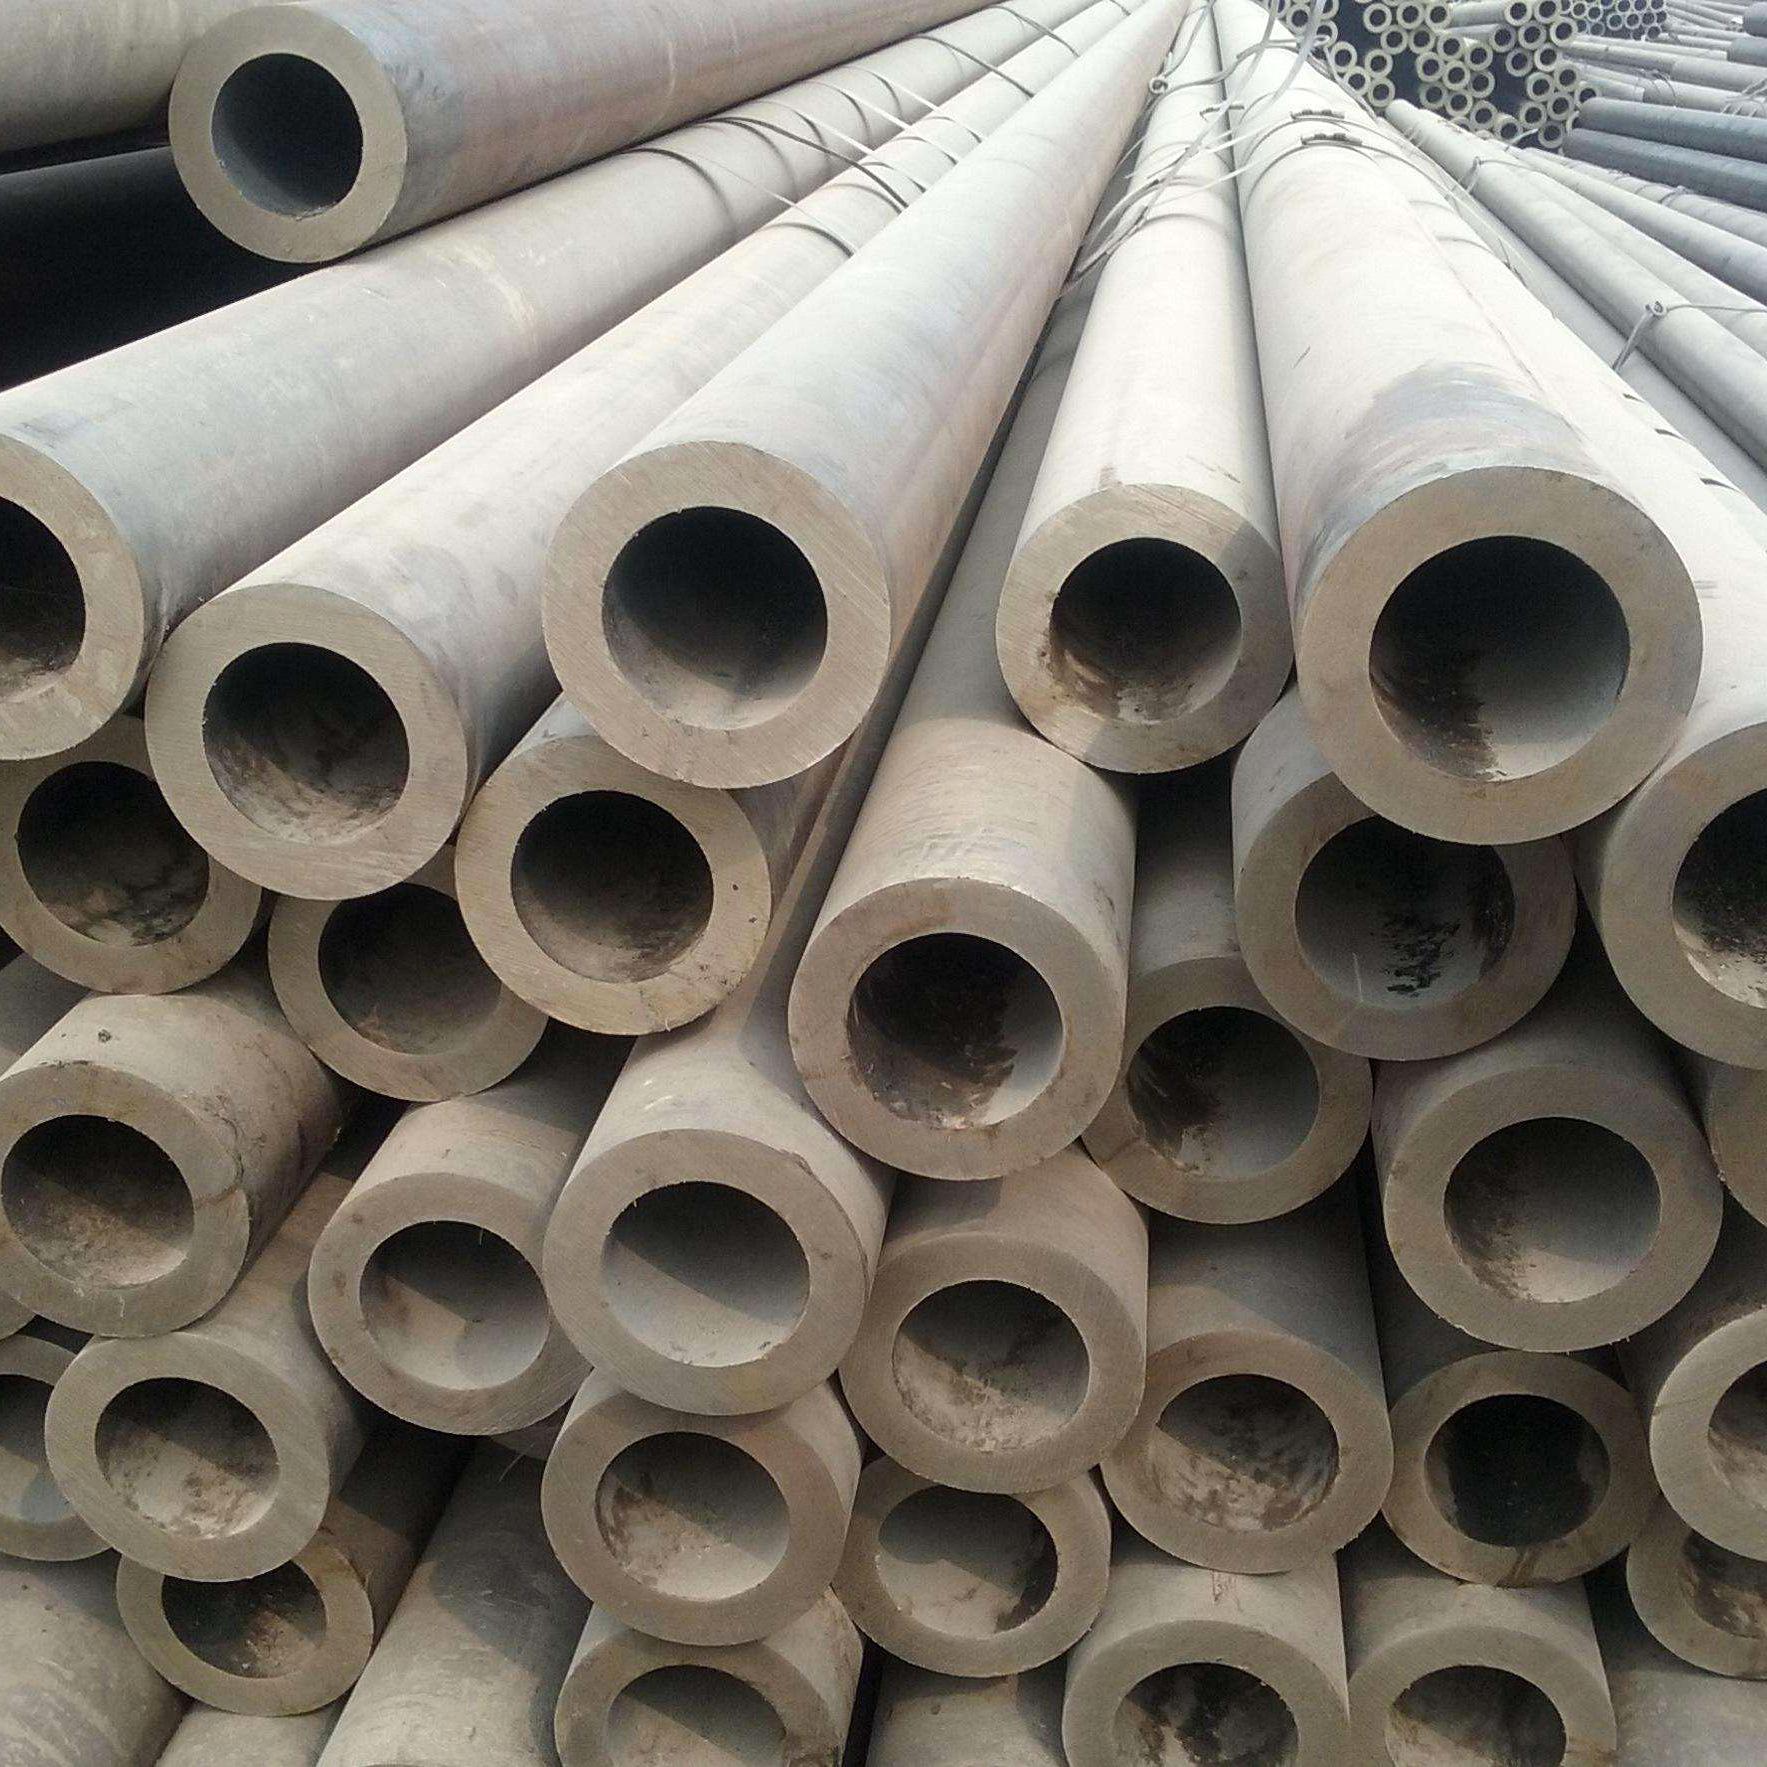 Ống thép Nhà máy bán hàng trực tiếp ống liền mạch dày ống liền mạch 720 * 70 ống liền mạch tùy chỉnh